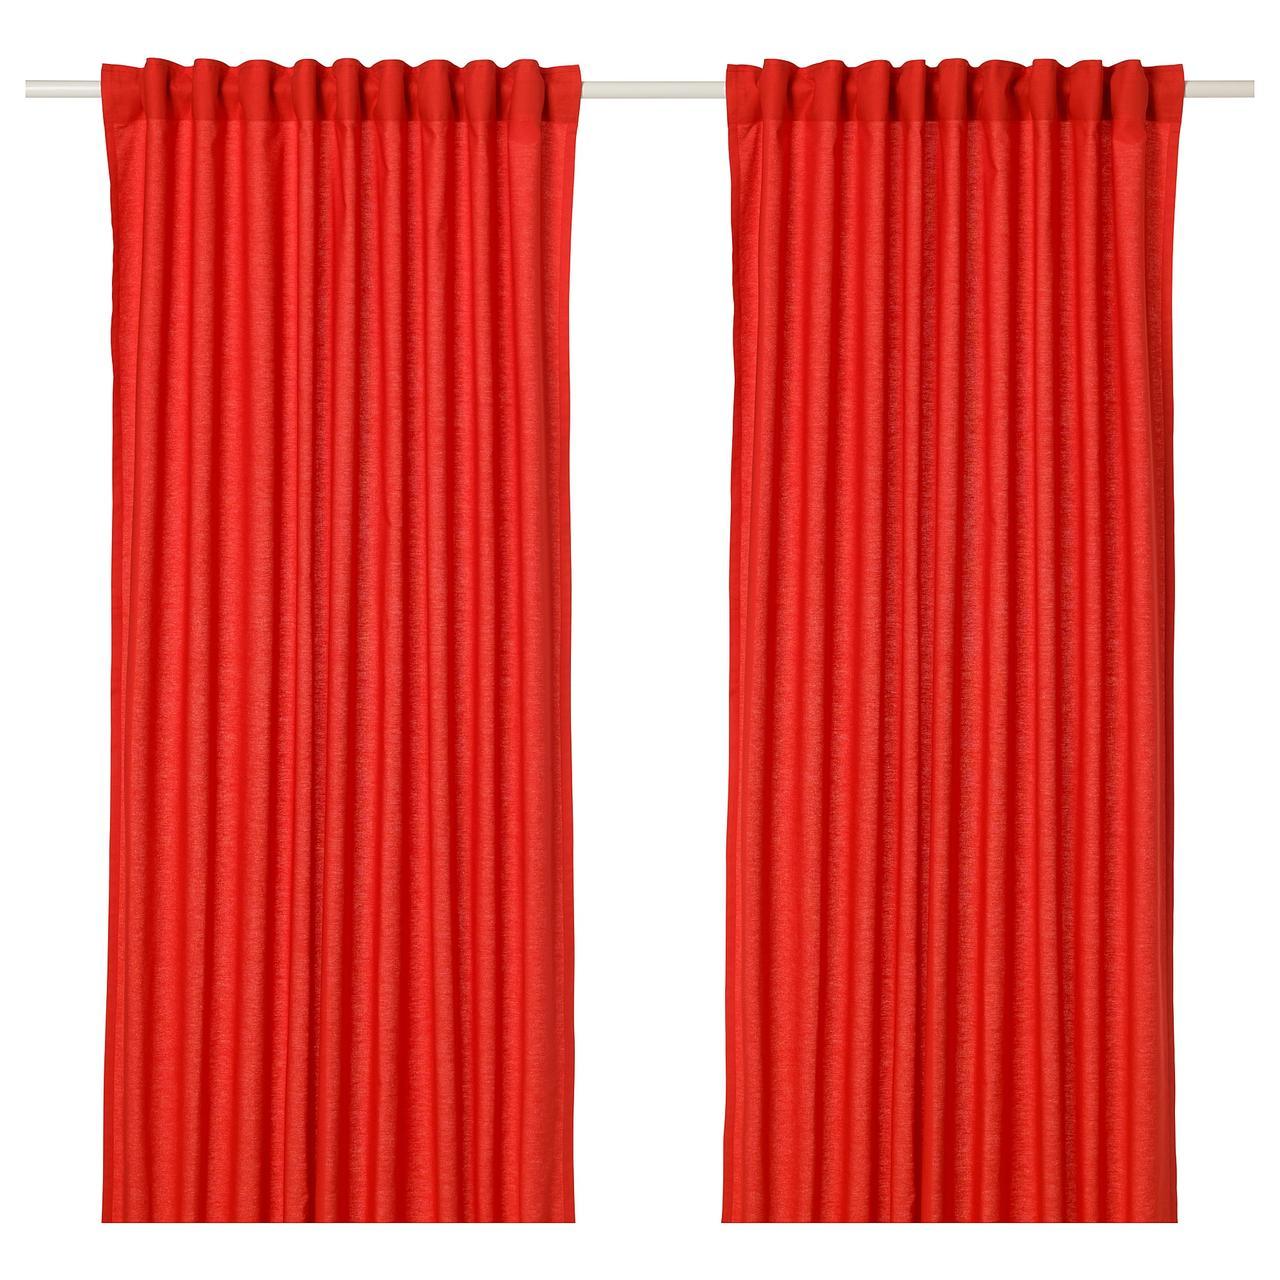 Гардины IKEA ANNALOUISA 145x300 см 2 шт красные 904.108.37